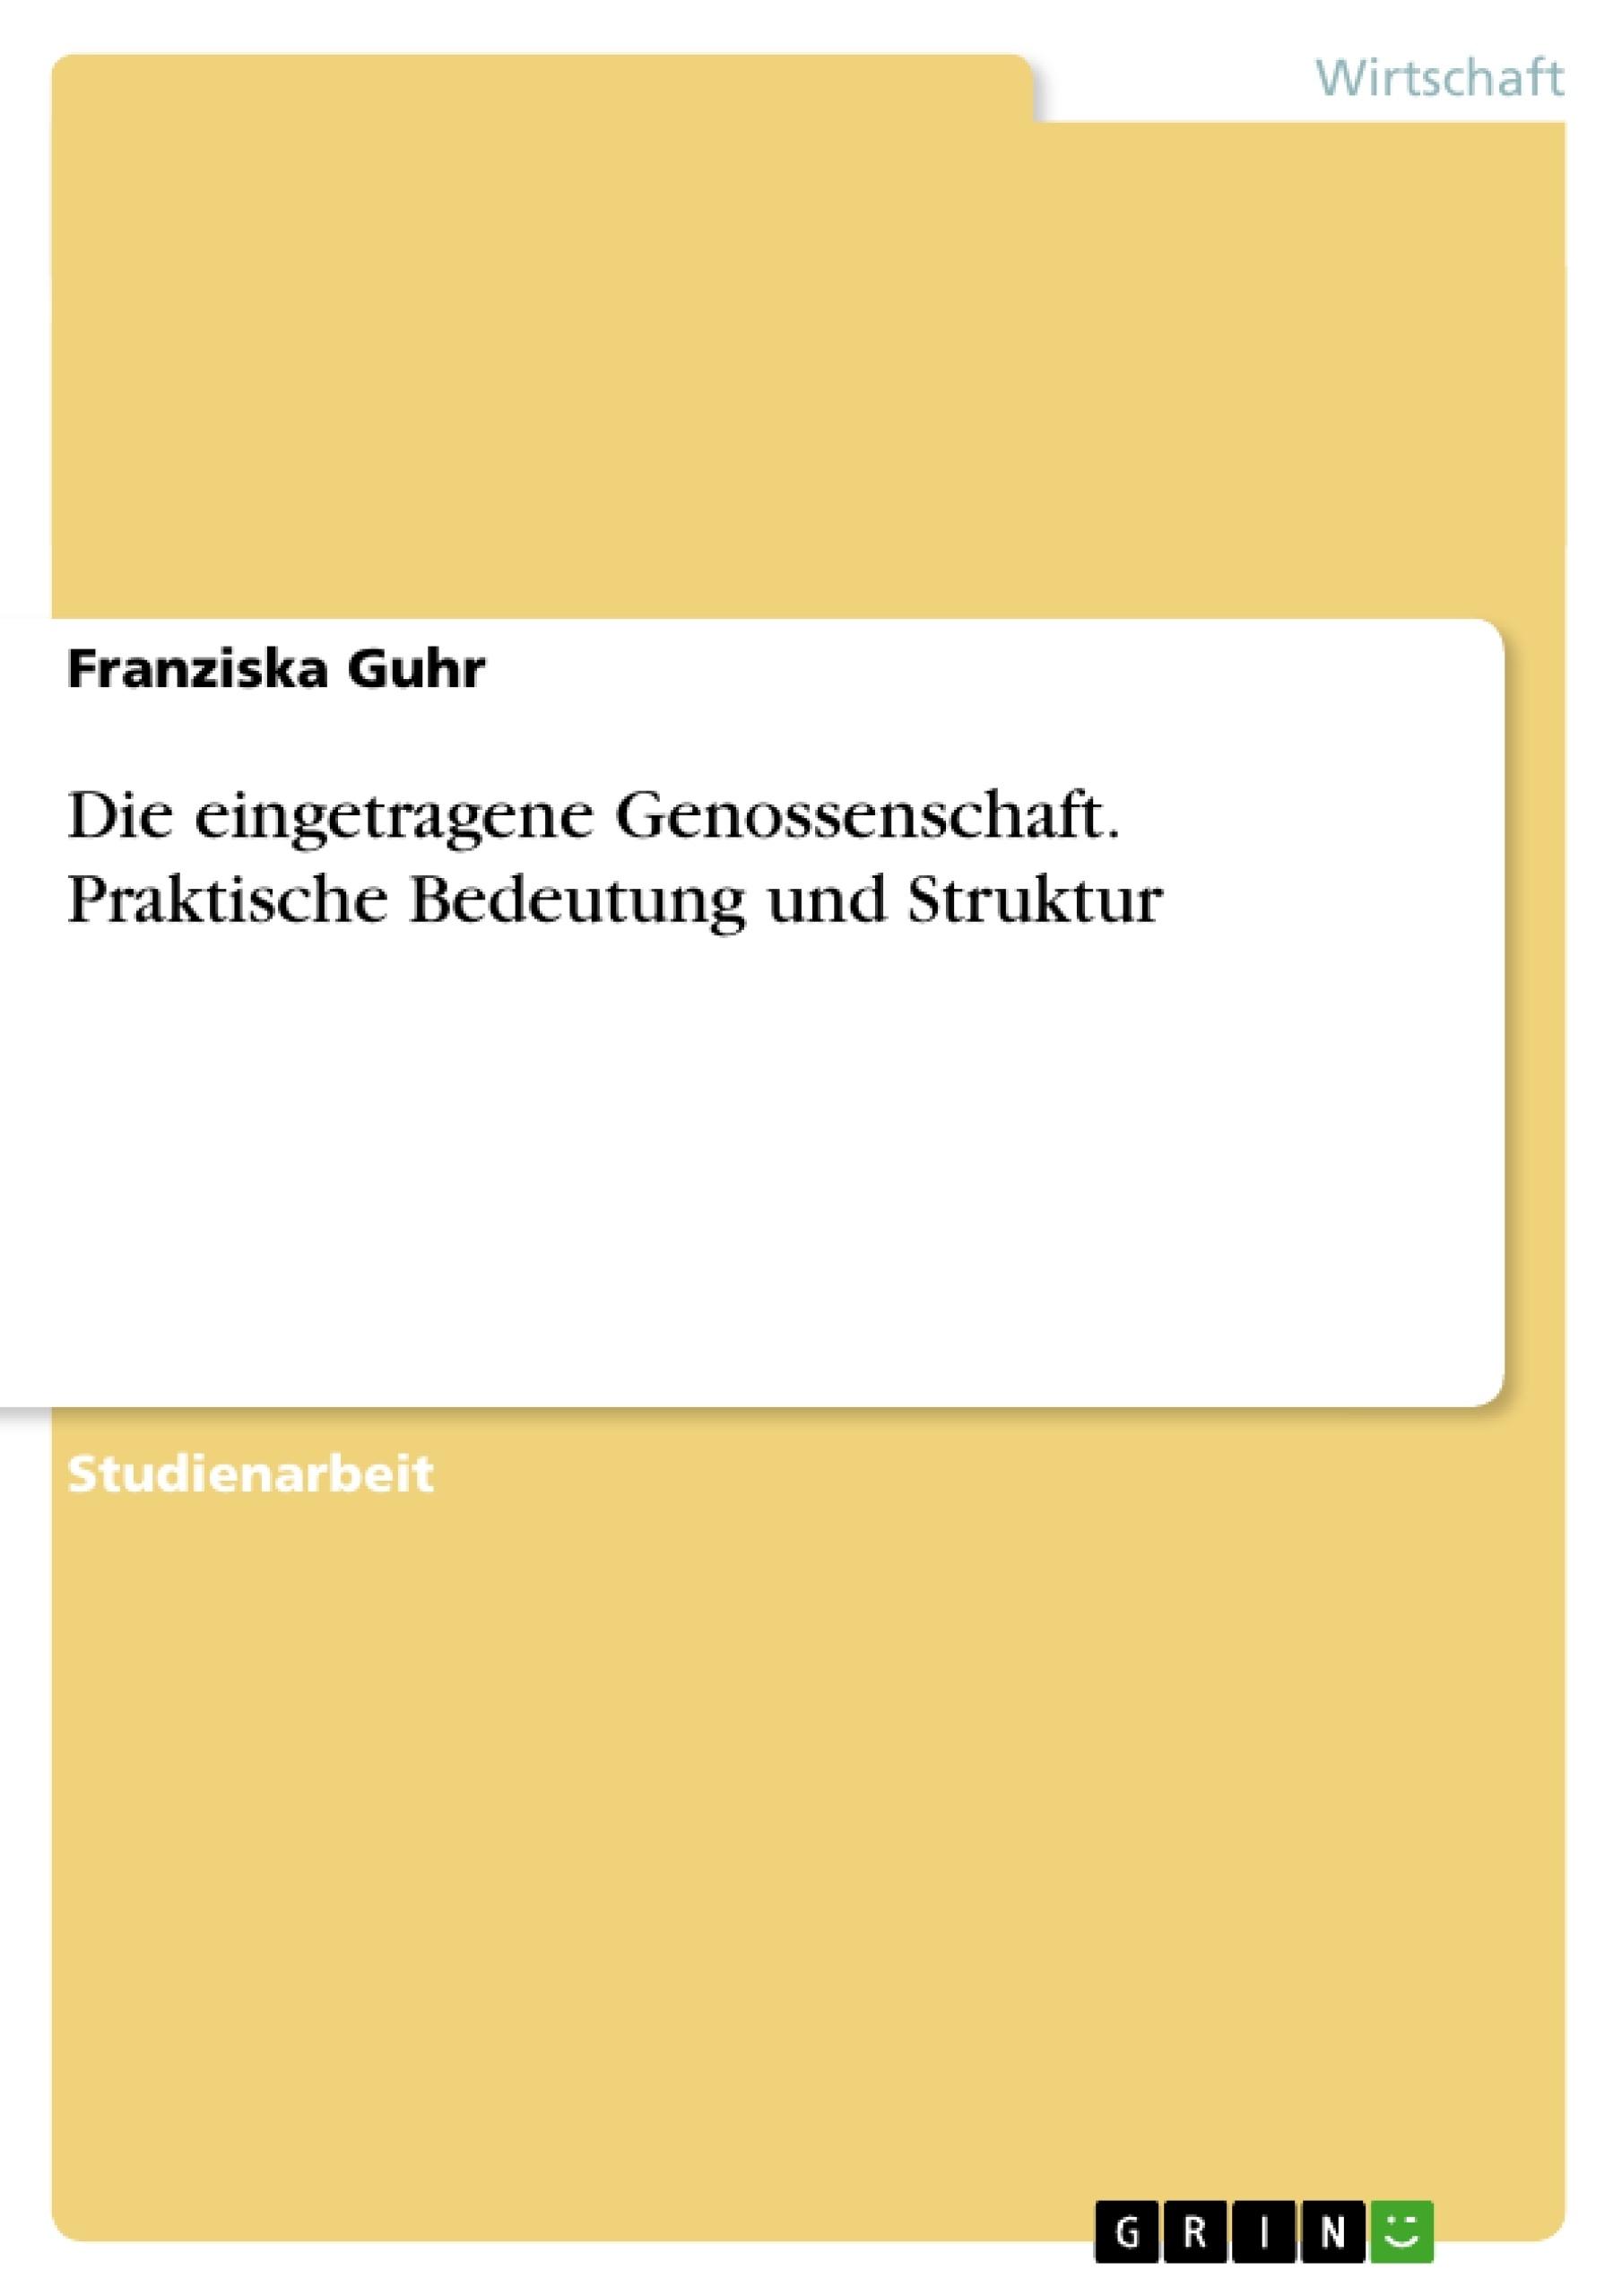 Die eingetragene Genossenschaft. Praktische Bedeutung und Struktur ...